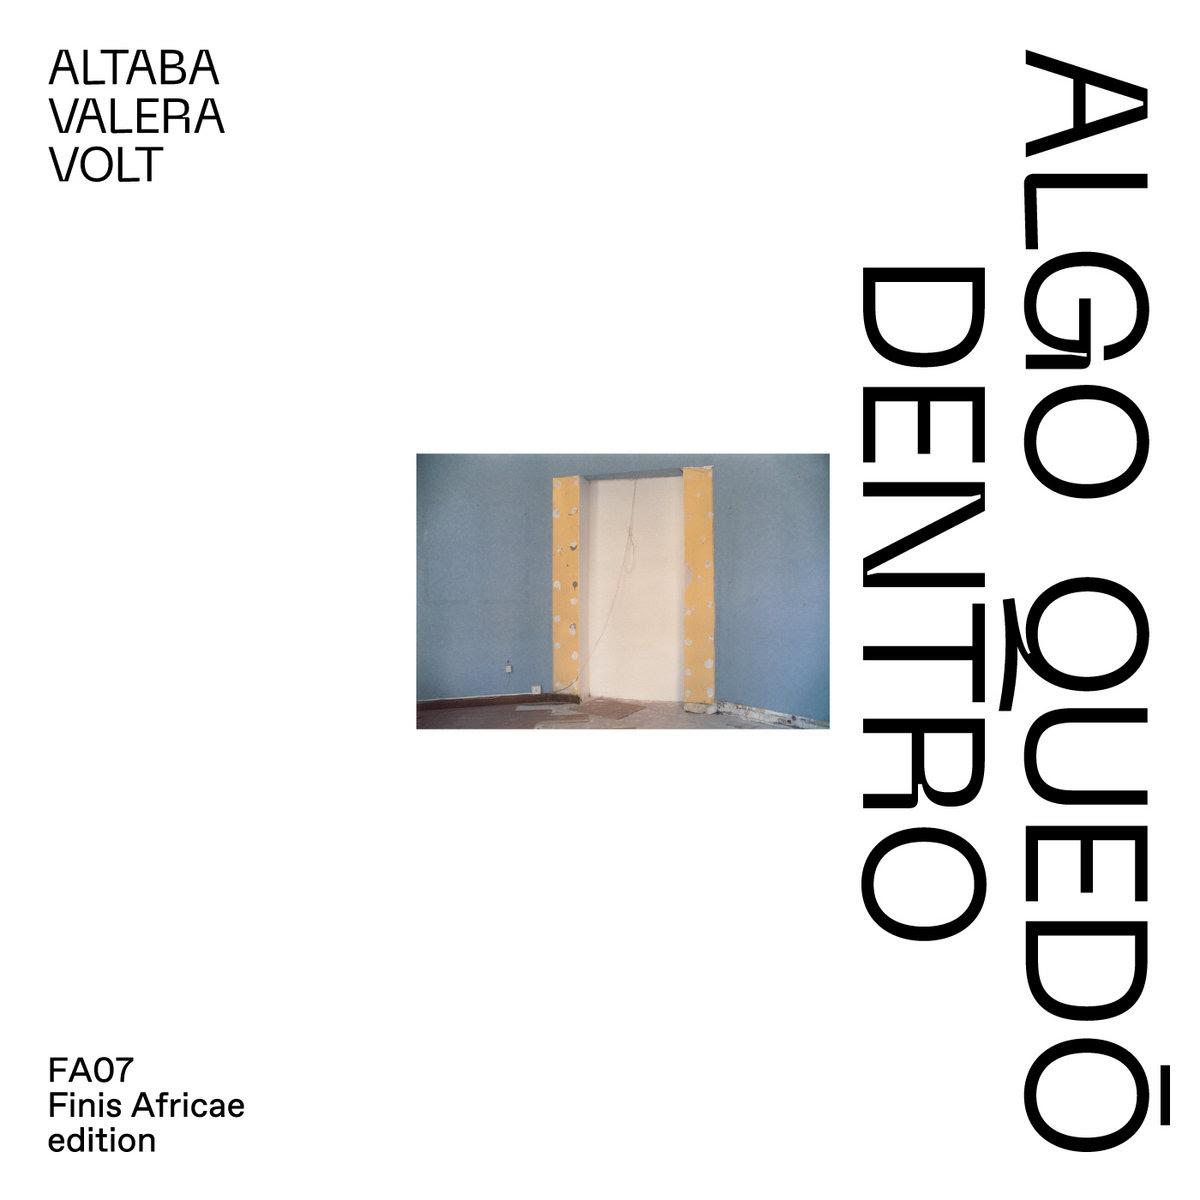 coberta del disc de Altaba Valera Volt, algo quedó dentro